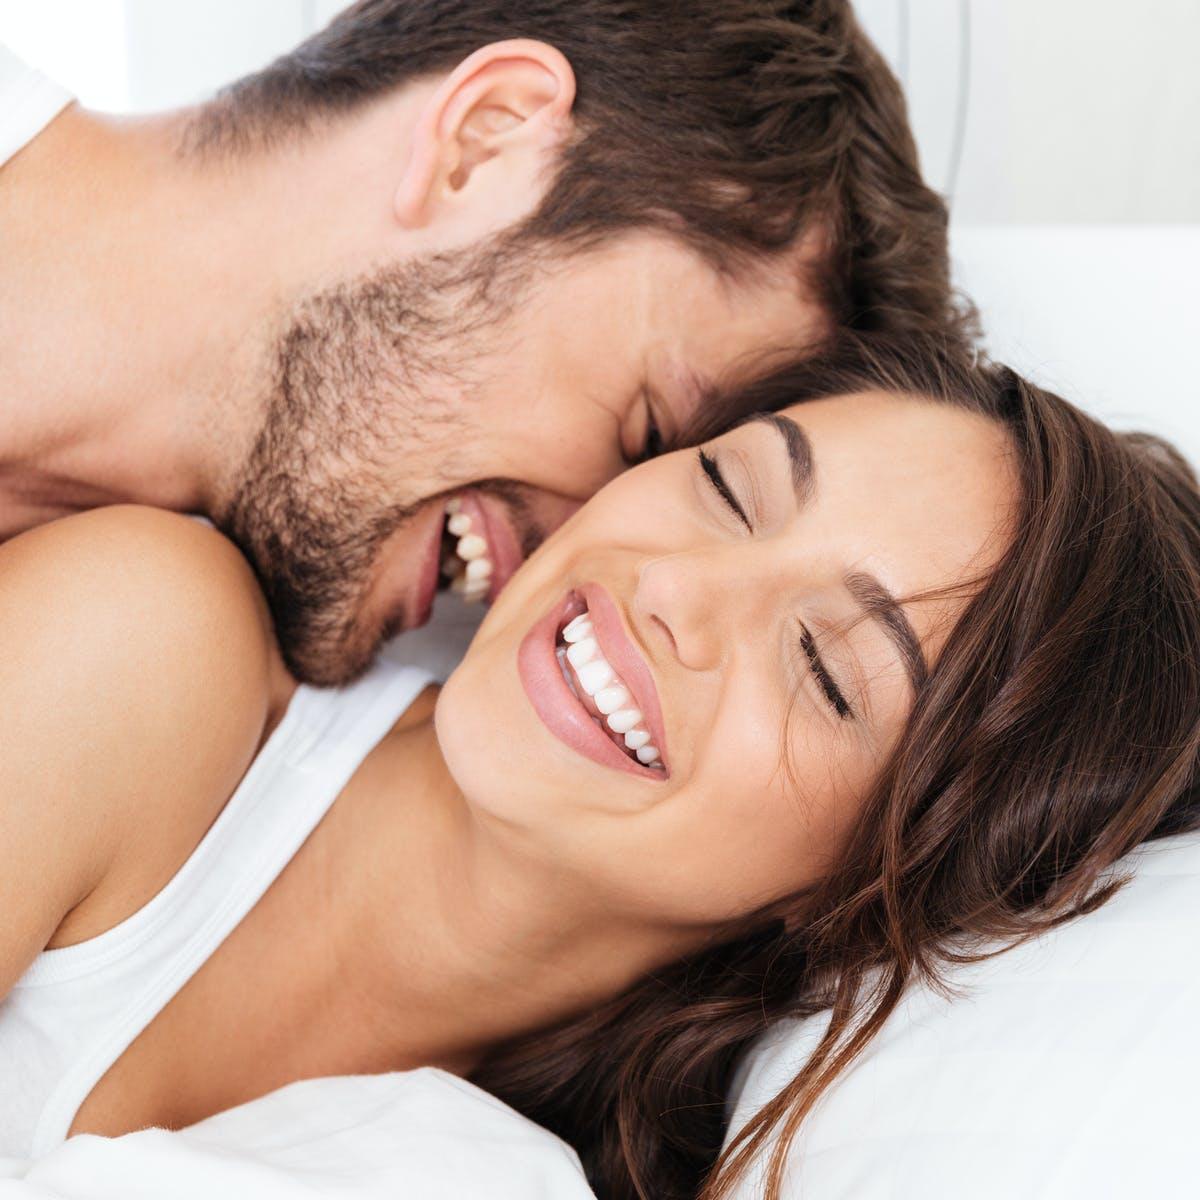 خطوات سحرية تجعل حياتك الزوجية أقوى وأكثر نجاحاً